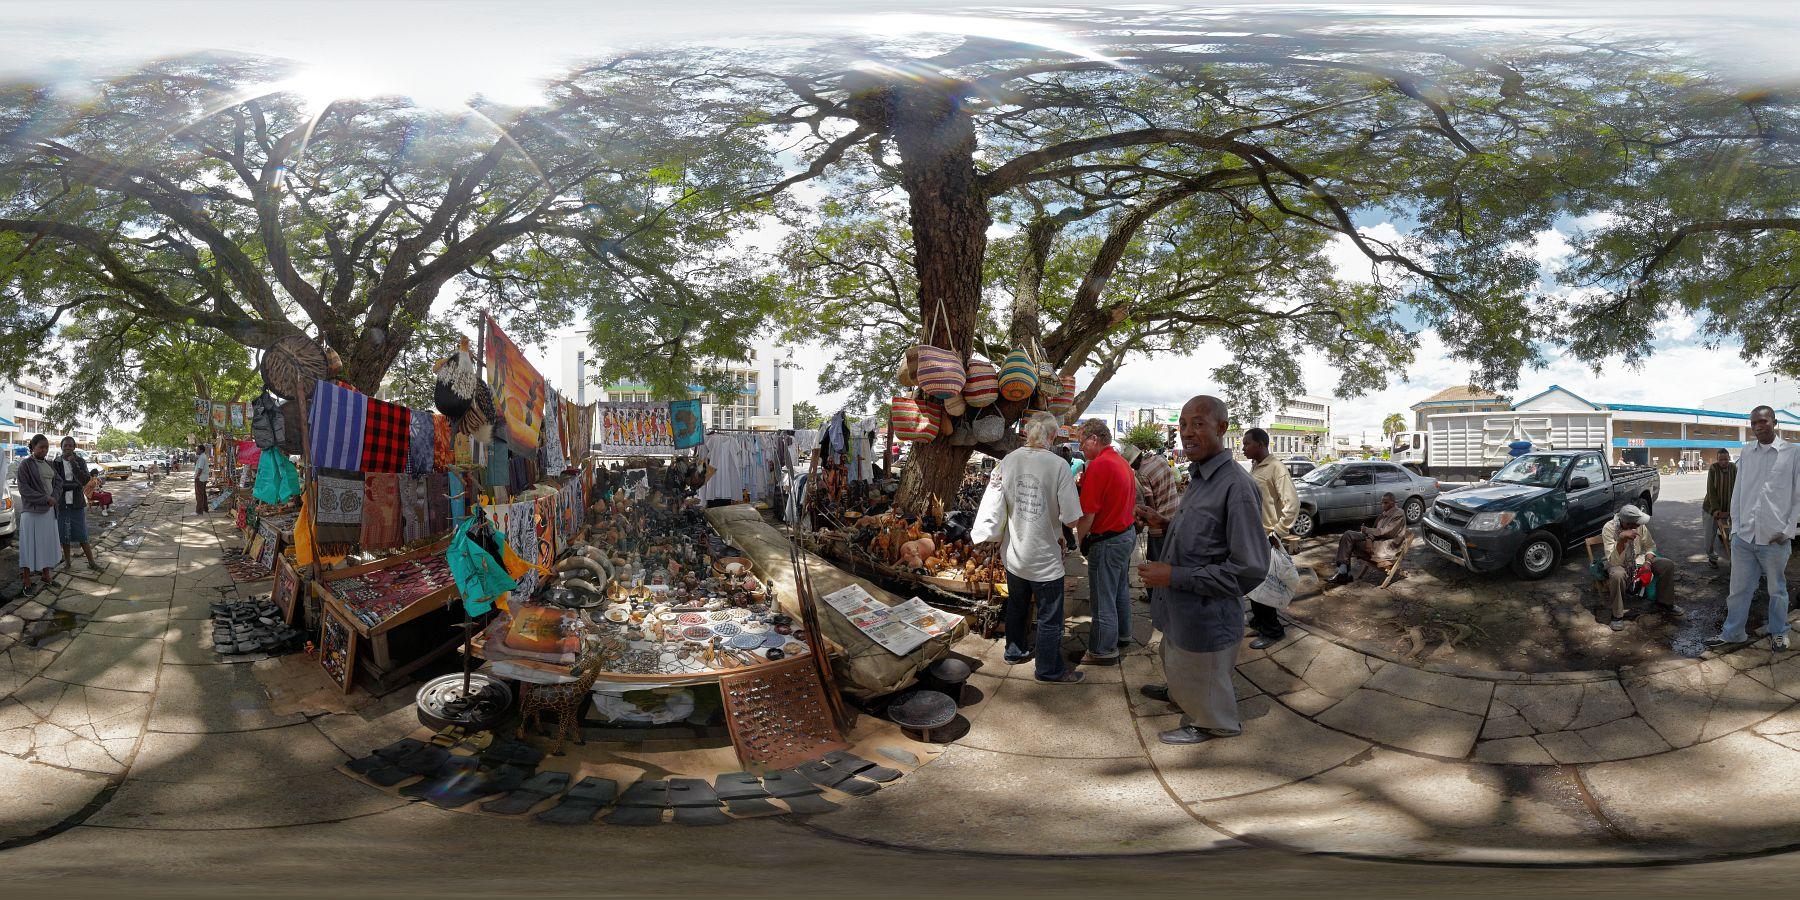 Panorama Kenia Nakuru Schitzermarkt 3